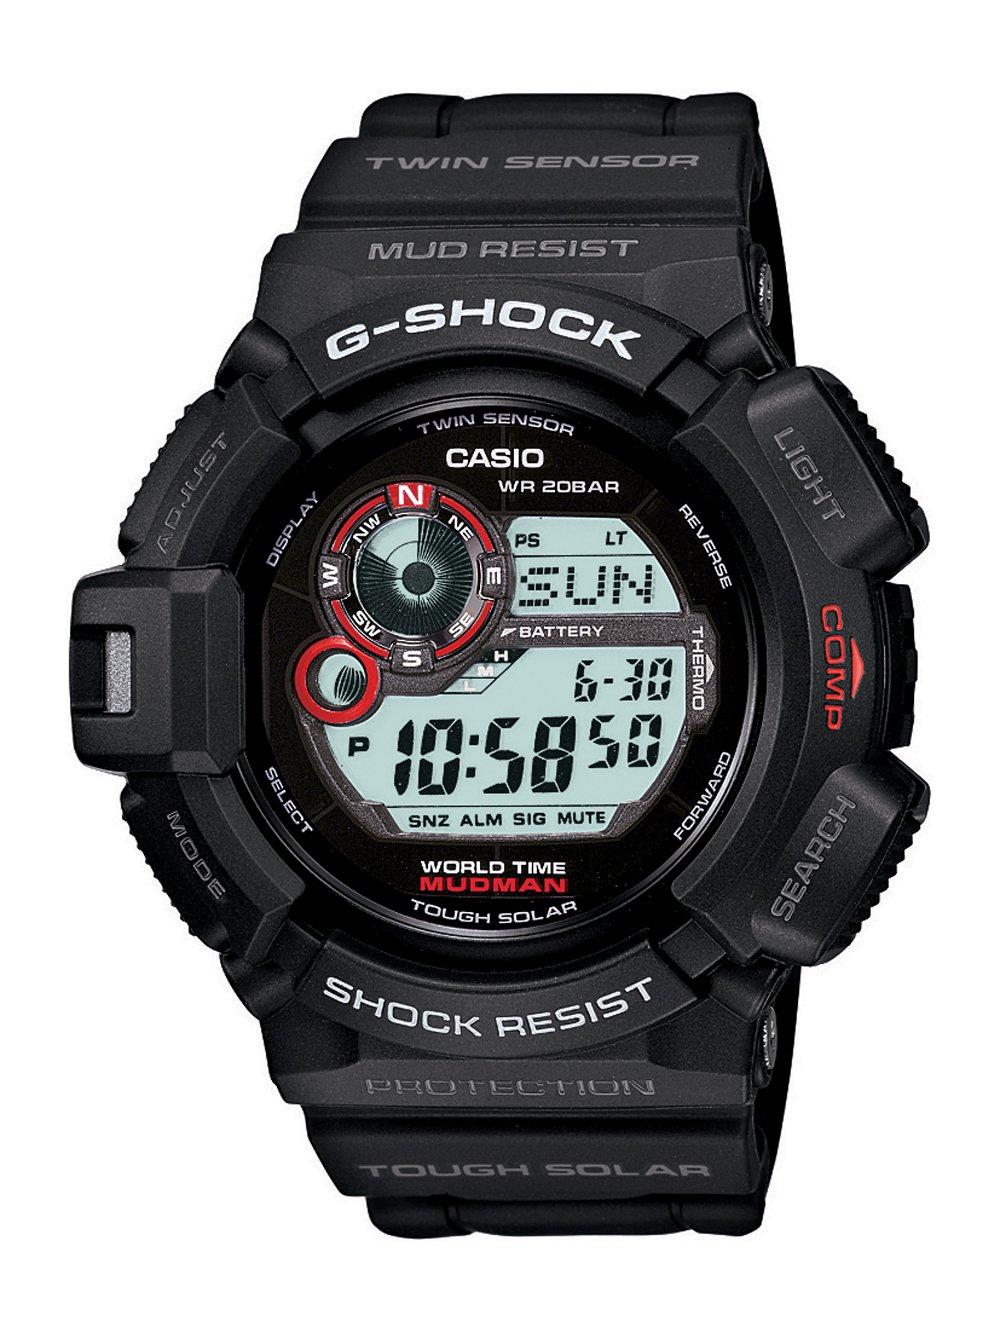 Casio Men's G9300-1 Mudman G-Shock Shock Resistant Multi-Function Sport Watch by Casio